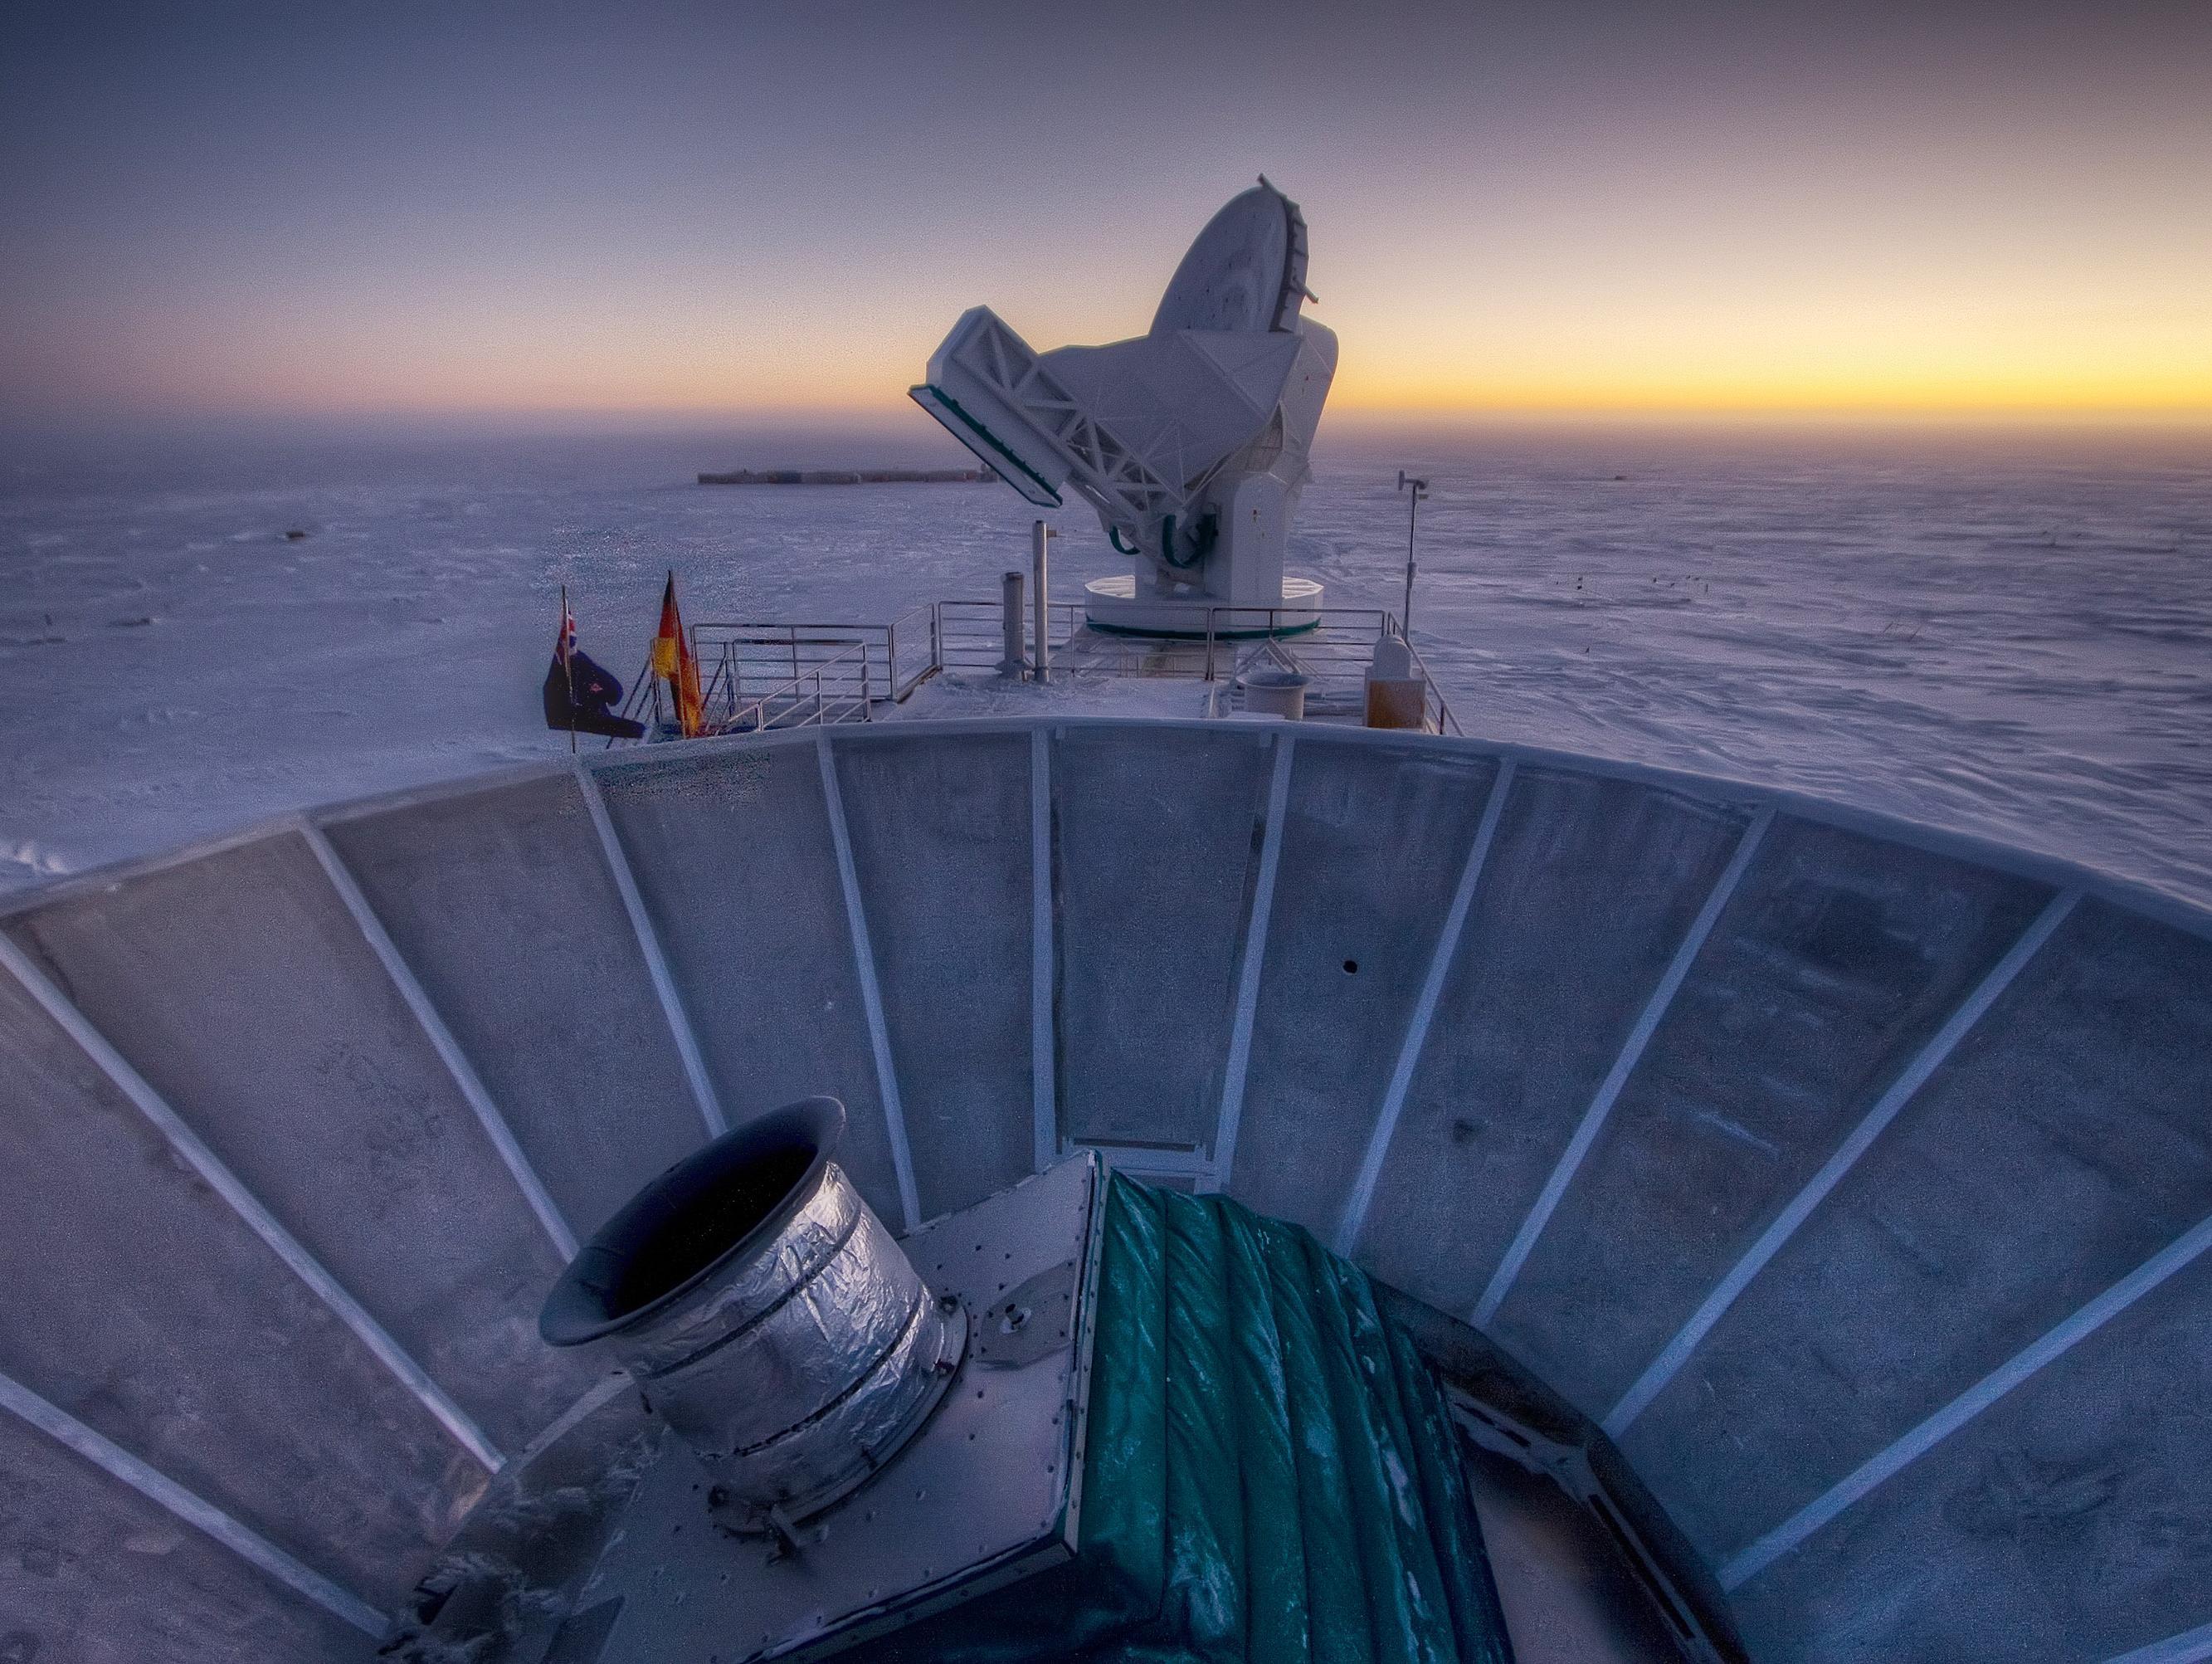 מדענים תיעדו באופן נדיר גלי רדיו מסתוריים מגלקסיה אחרת